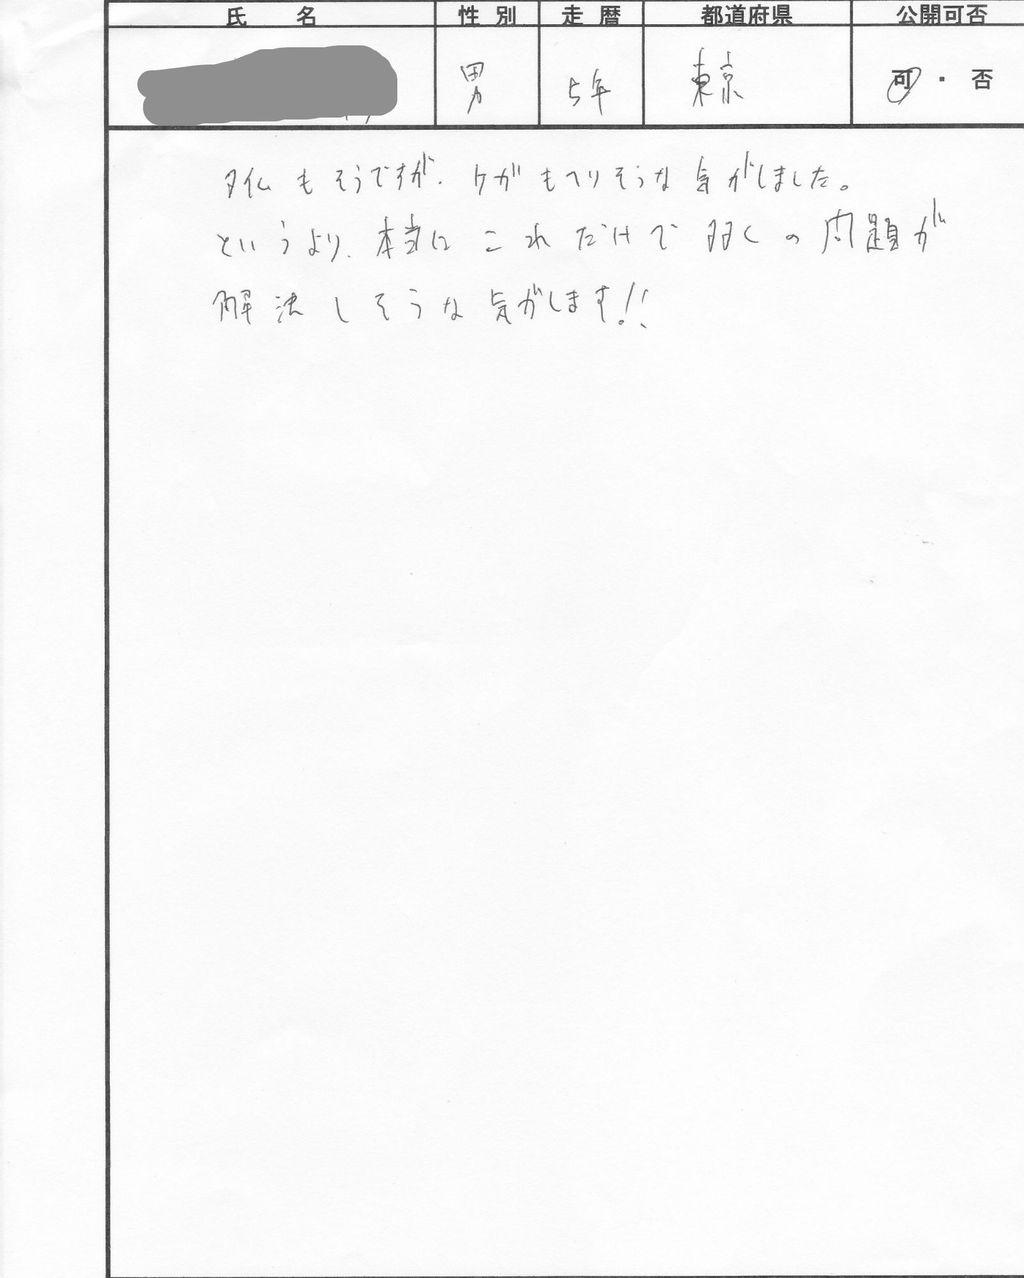 セミナー感想広島・東京_0015_copy